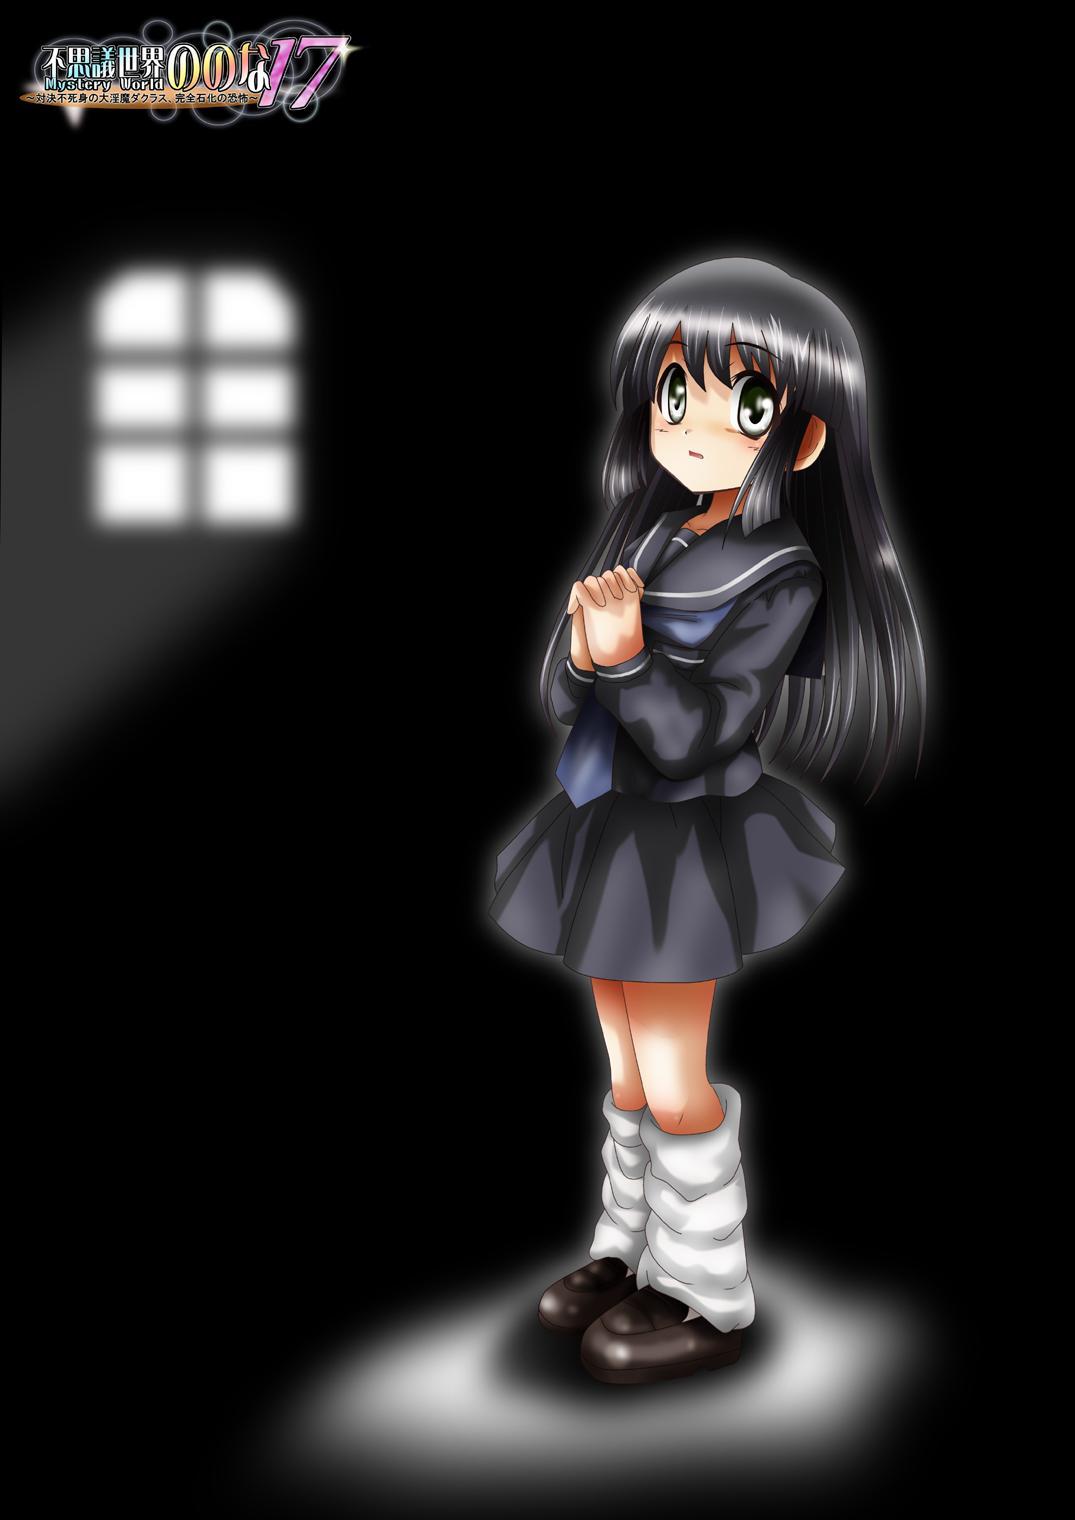 [Dende] Fushigi Sekai -Mystery World- no Nona 17 ~ Taiketsu Fujimi no Dai Inma Dakurasu, Kanzen Sekka no Kyoufu 199